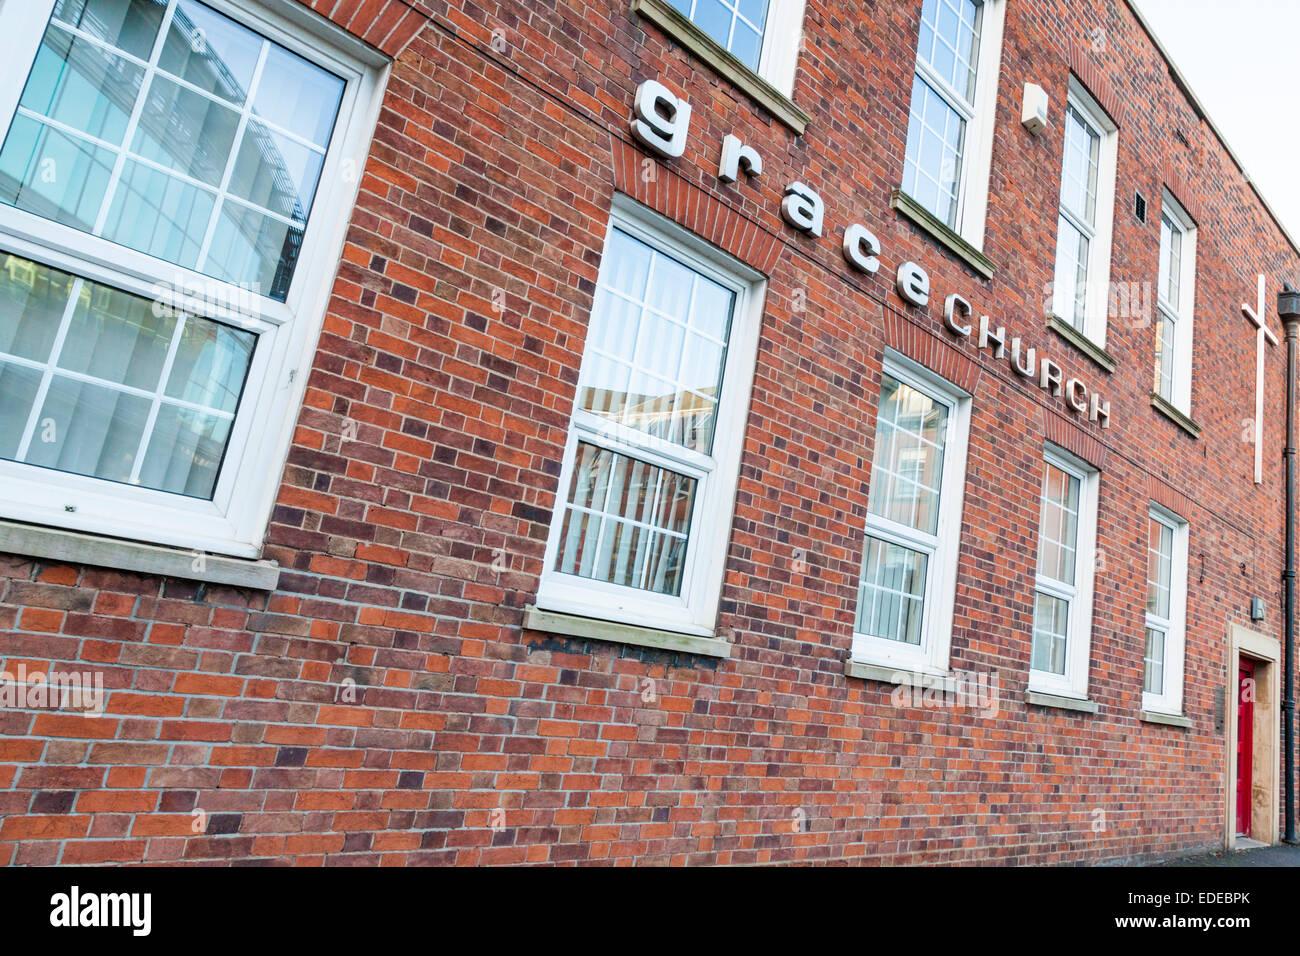 Grace Church, Nottingham, England, UK - Stock Image